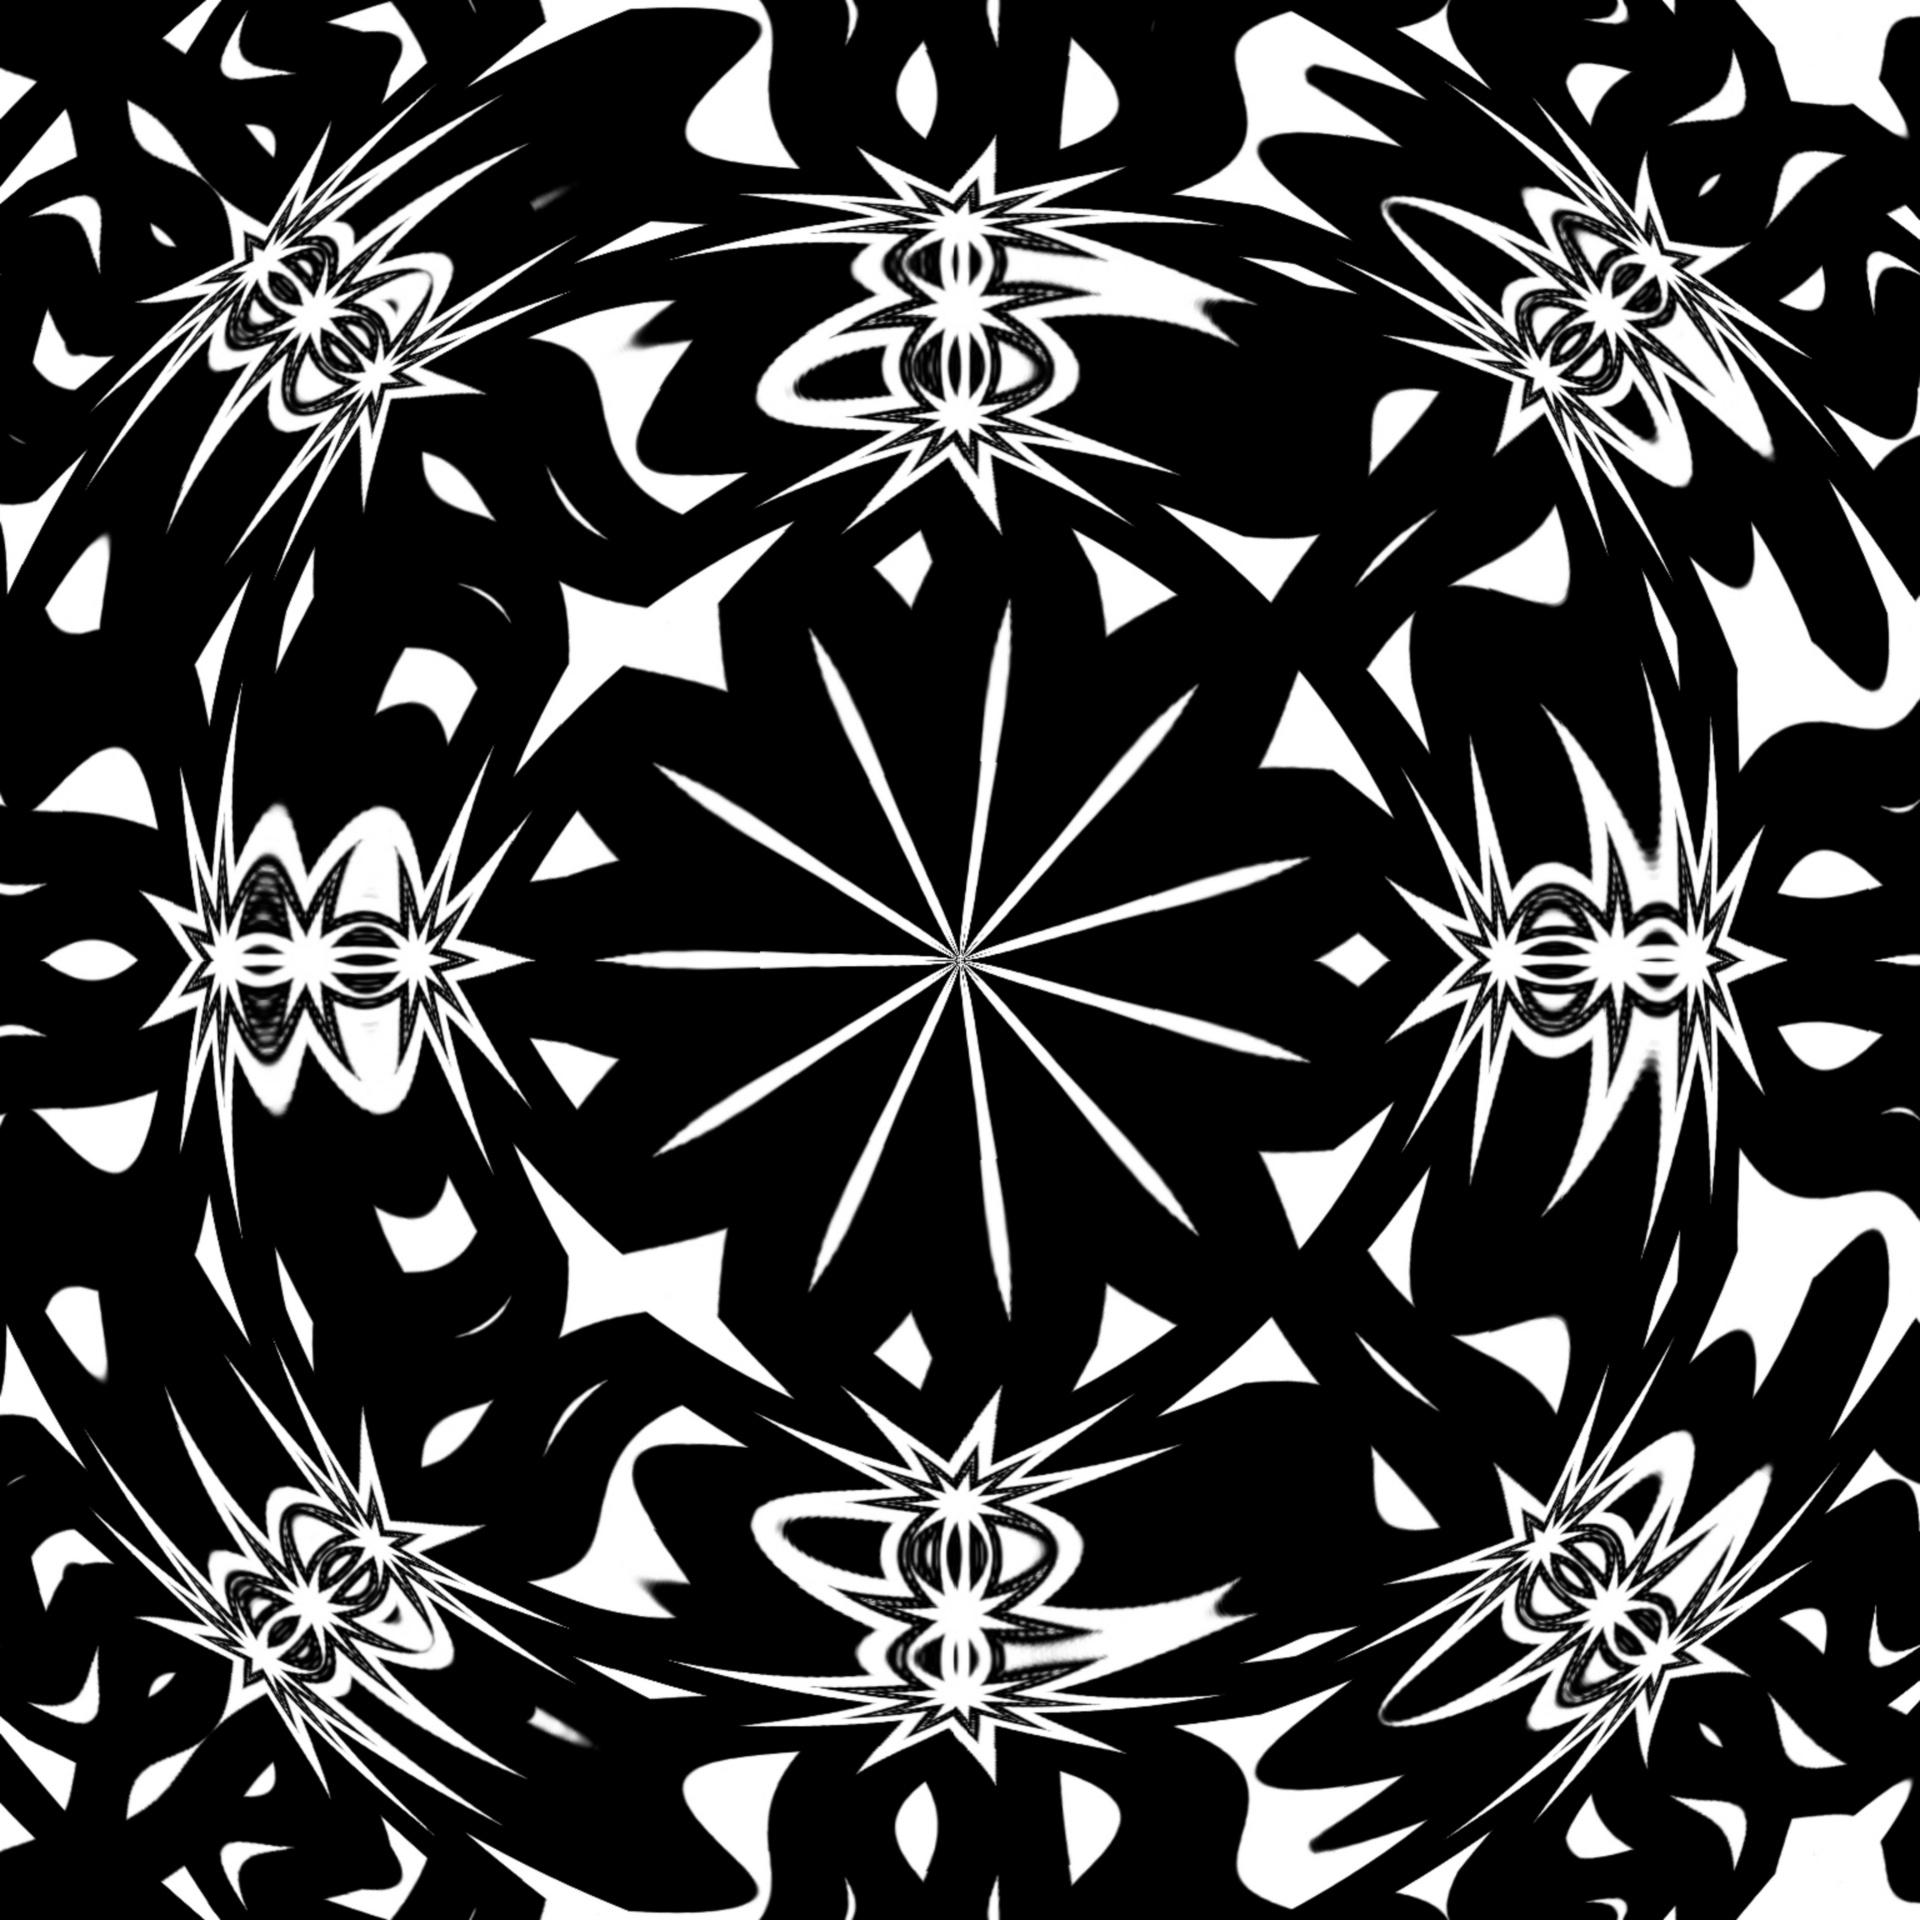 Wallpaperwhitestarsblackbackground Free Image From